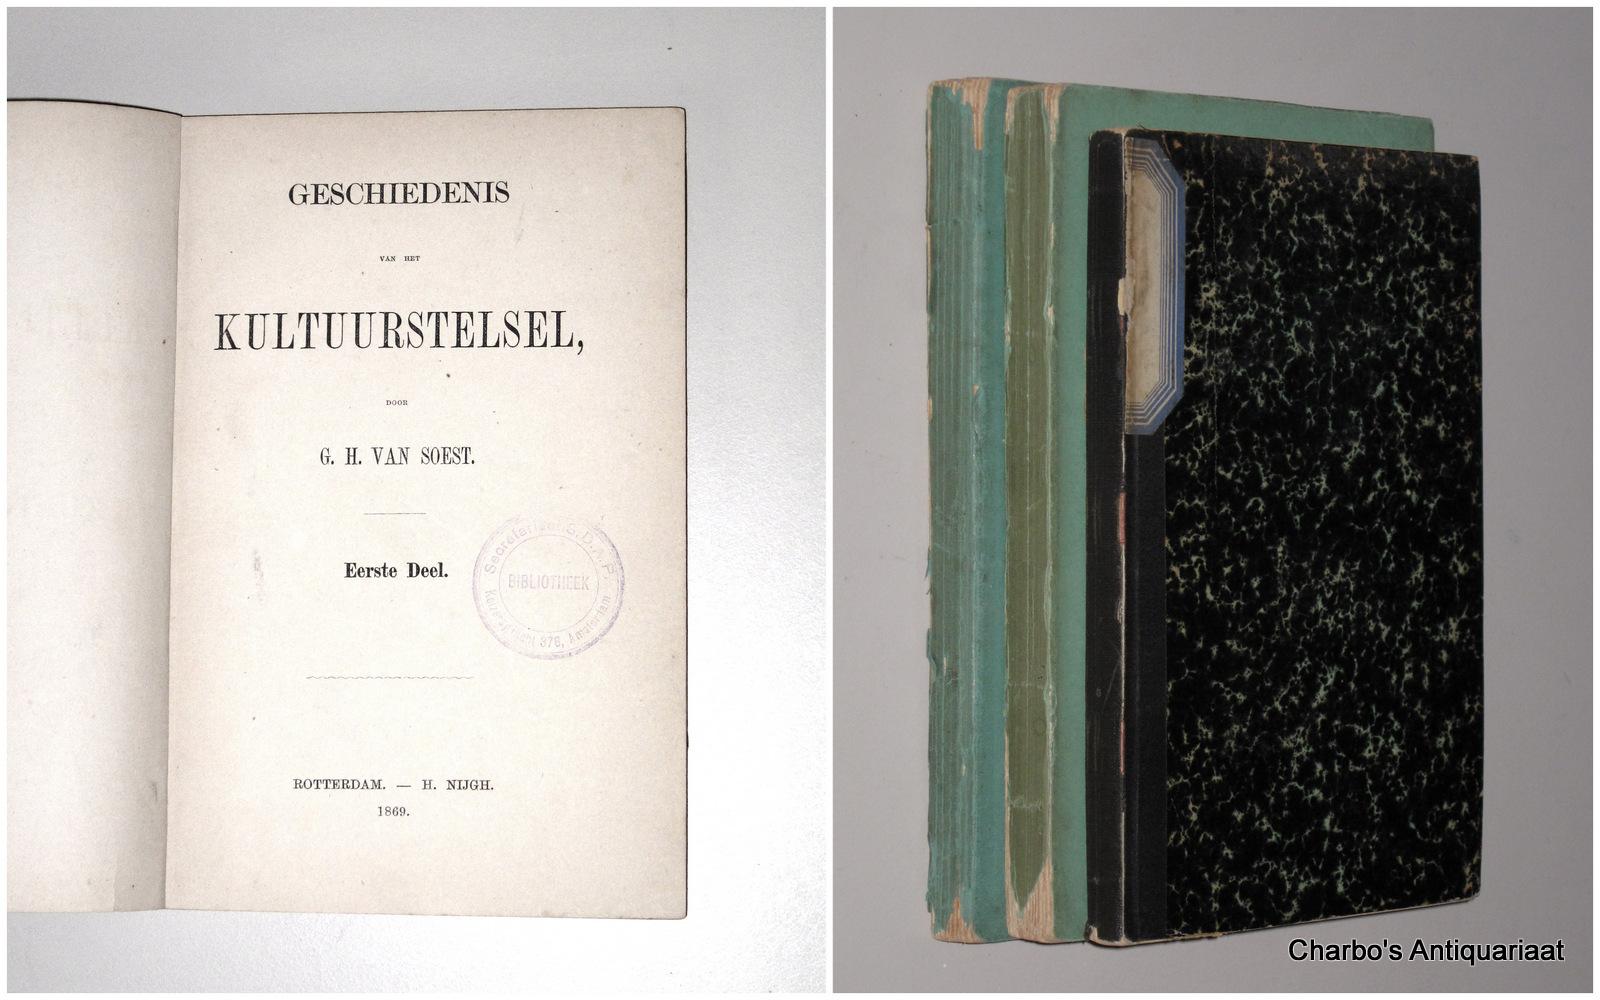 SOEST, G.H. VAN, -  Geschiedenis van het kultuurstelsel. (Full set of 3 vols.).